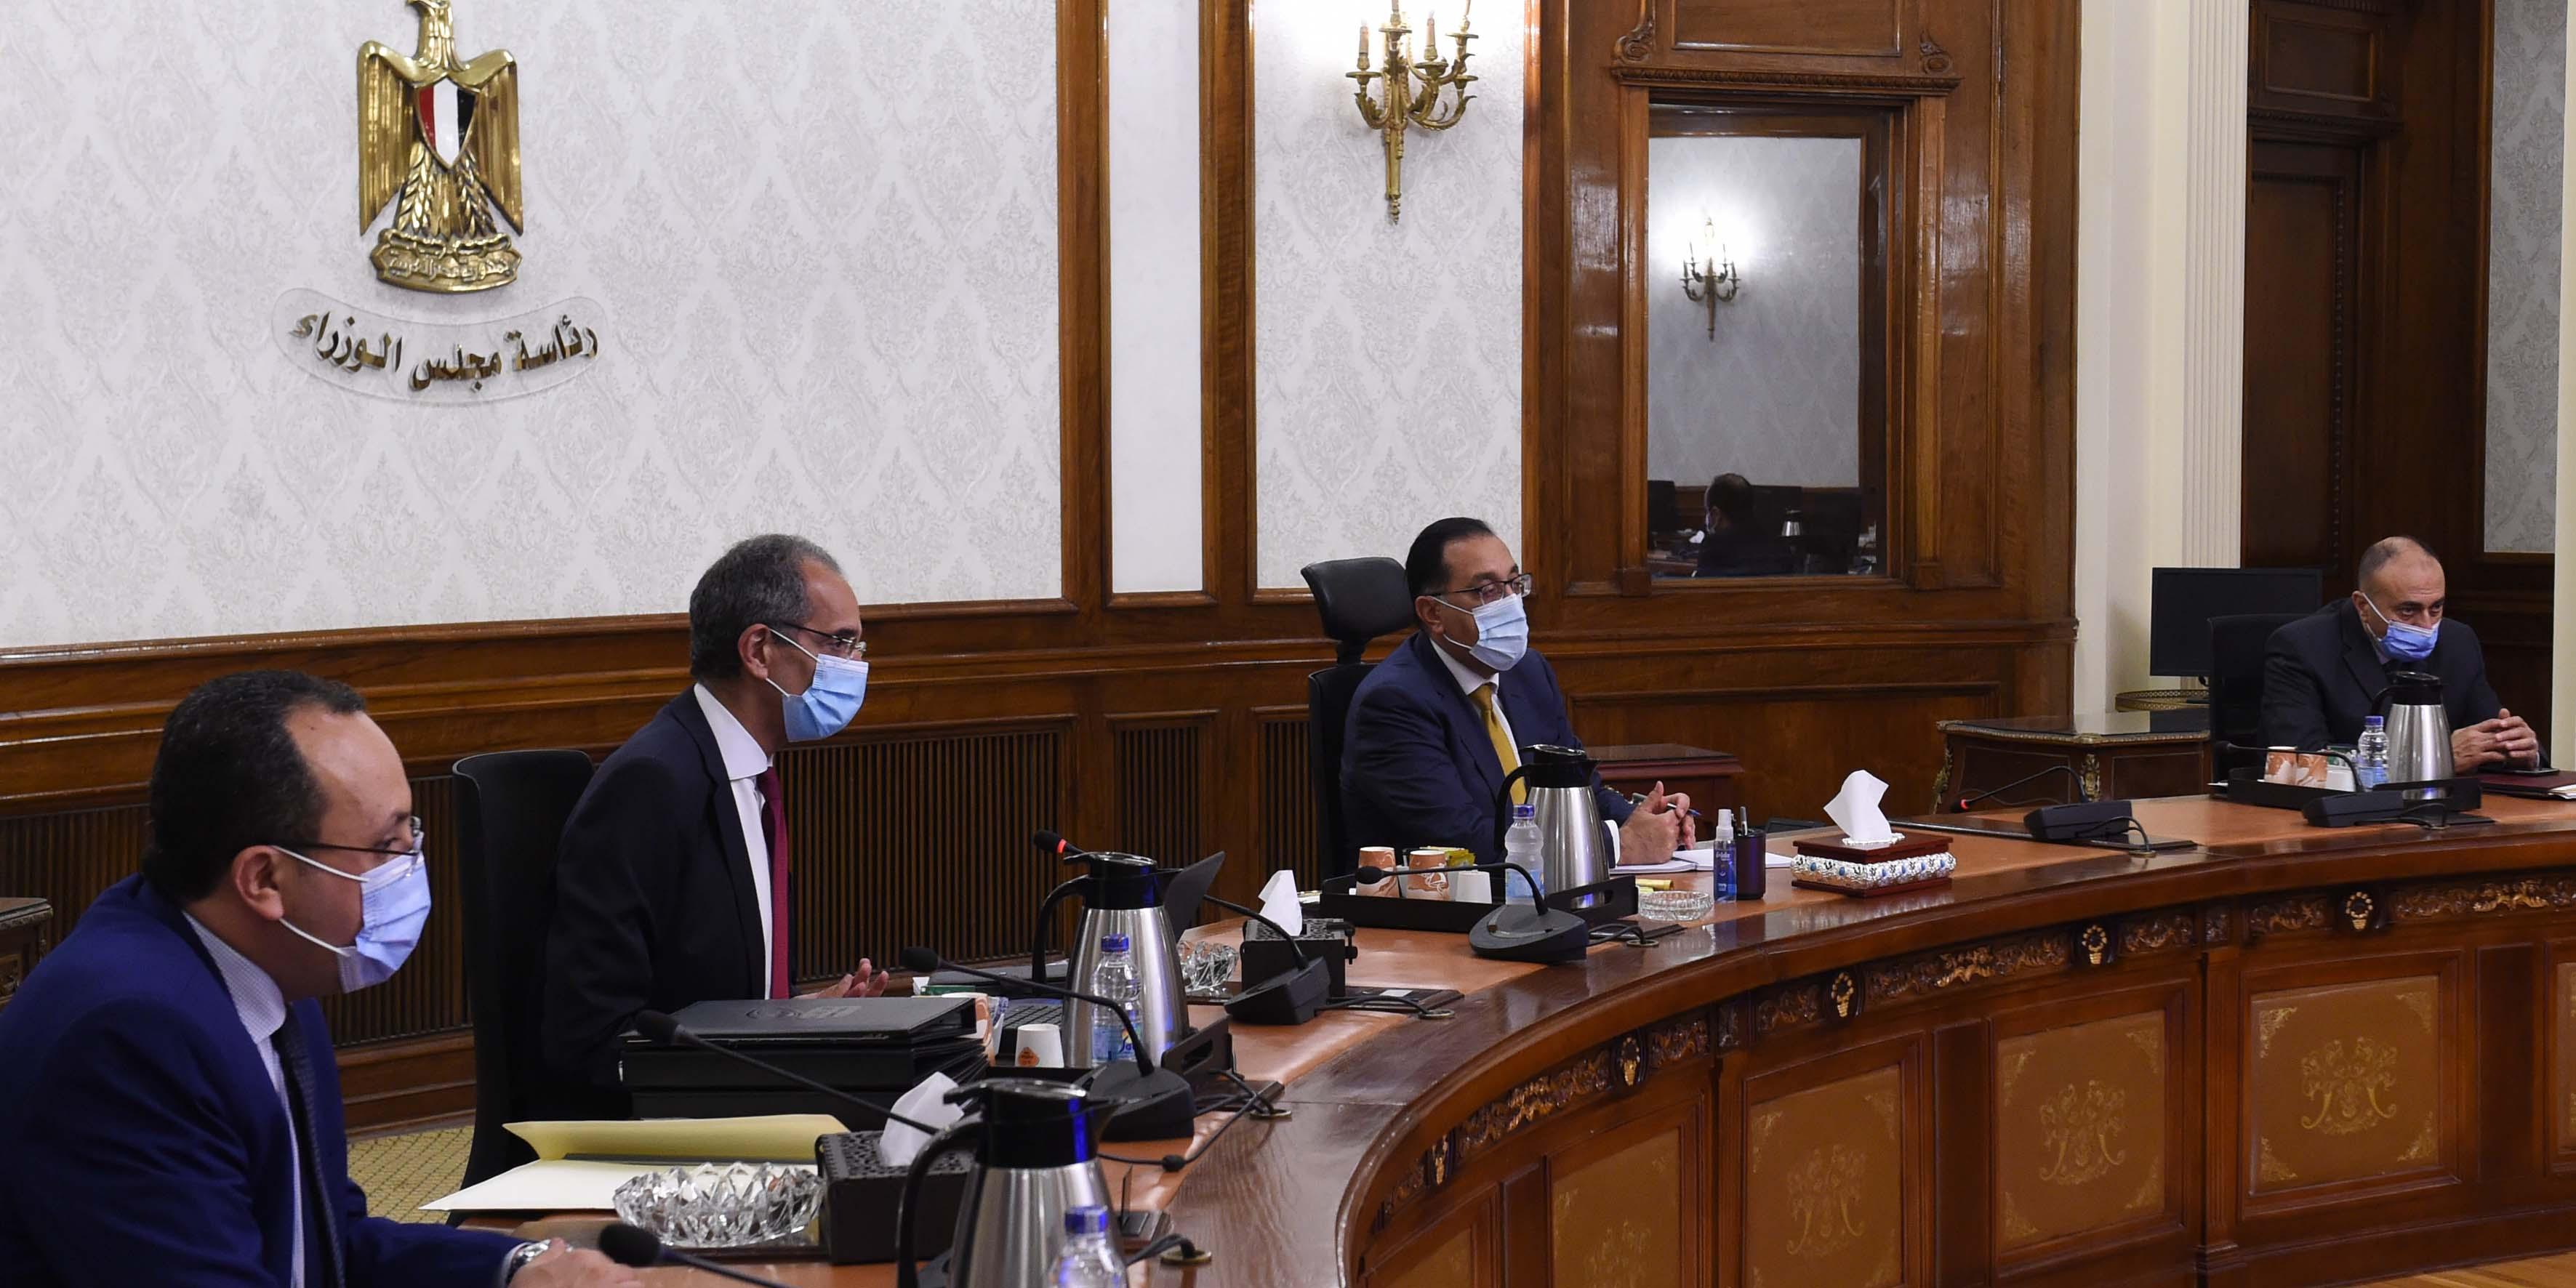 رئيس الوزراء يلتقي وزير الاتصالات لمتابعة مشروعات الوزارة  (3)